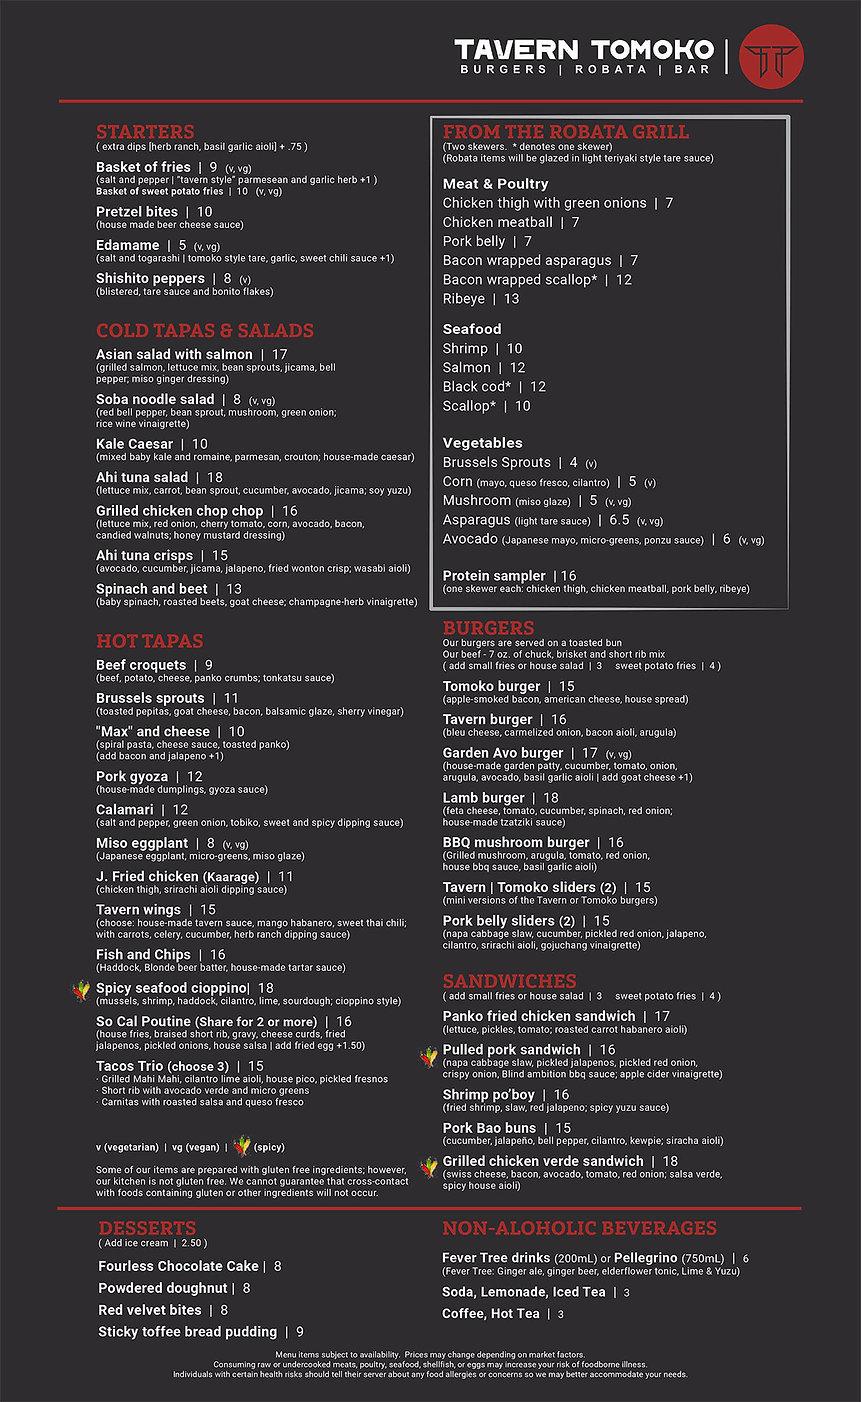 tt-food-6-22-21.jpg